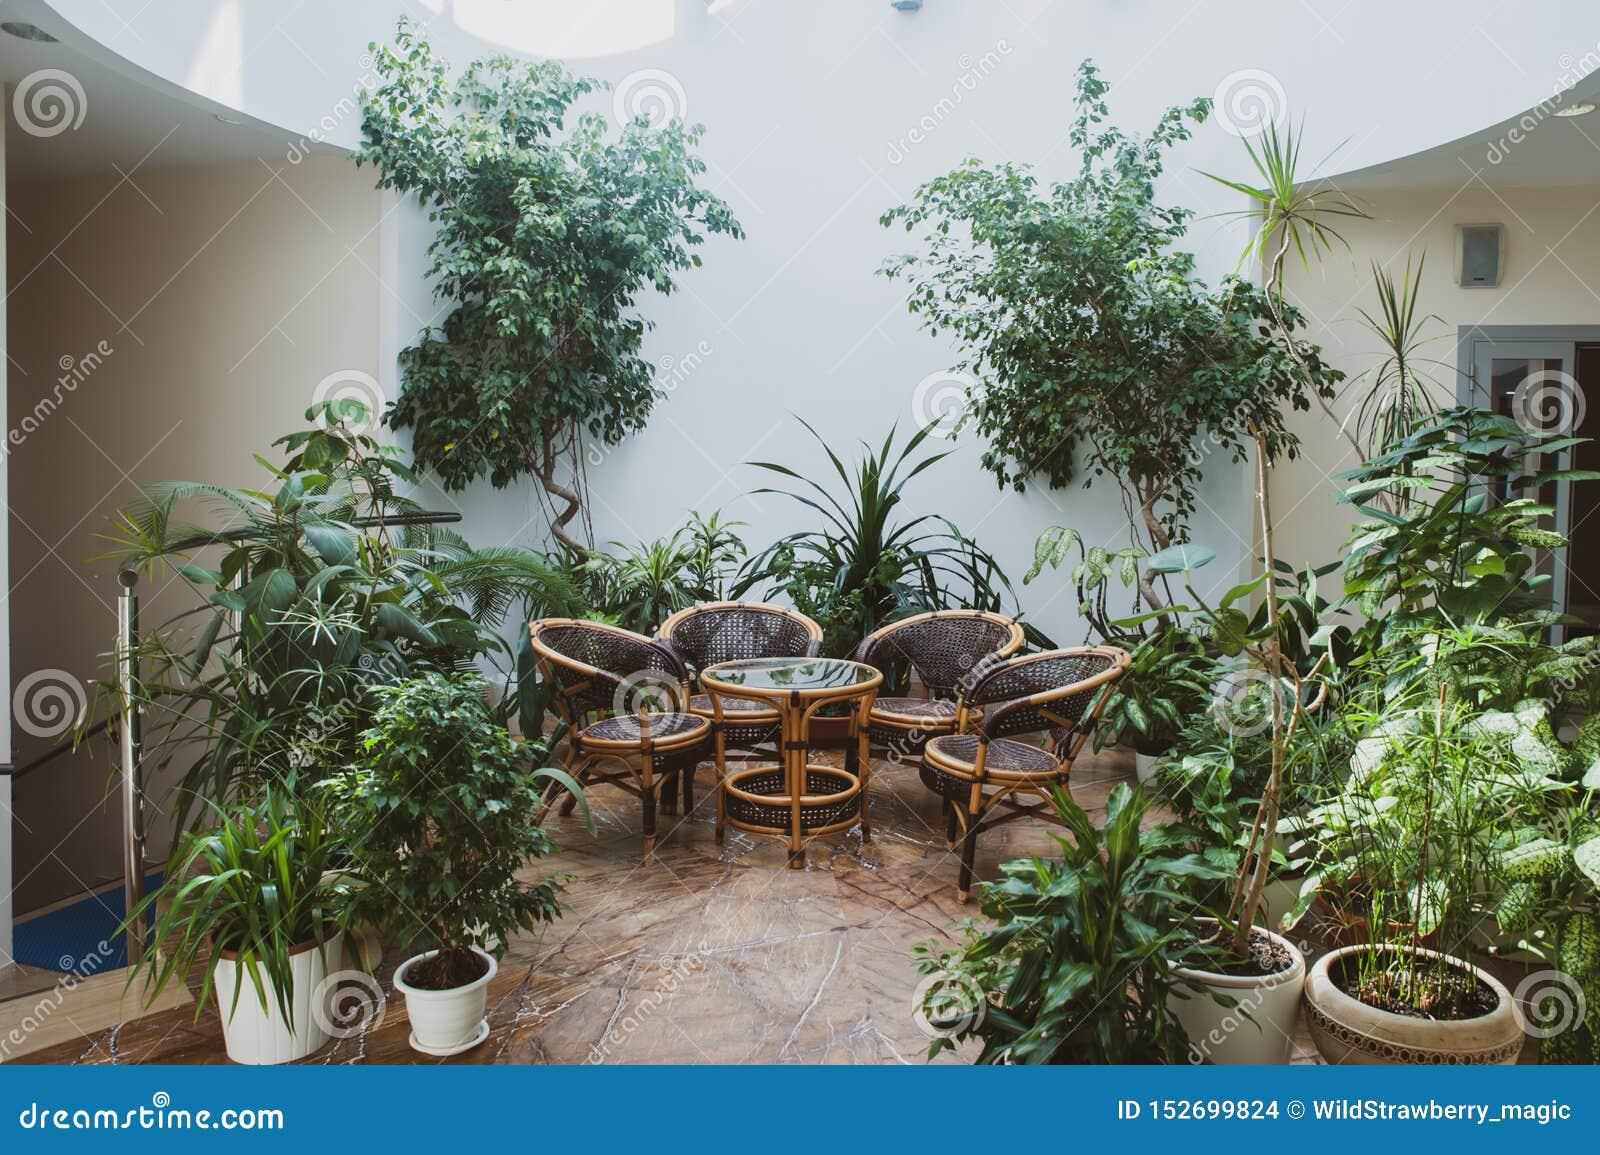 Muebles de la rota rodeados por las plantas verdes en un pasillo espacioso